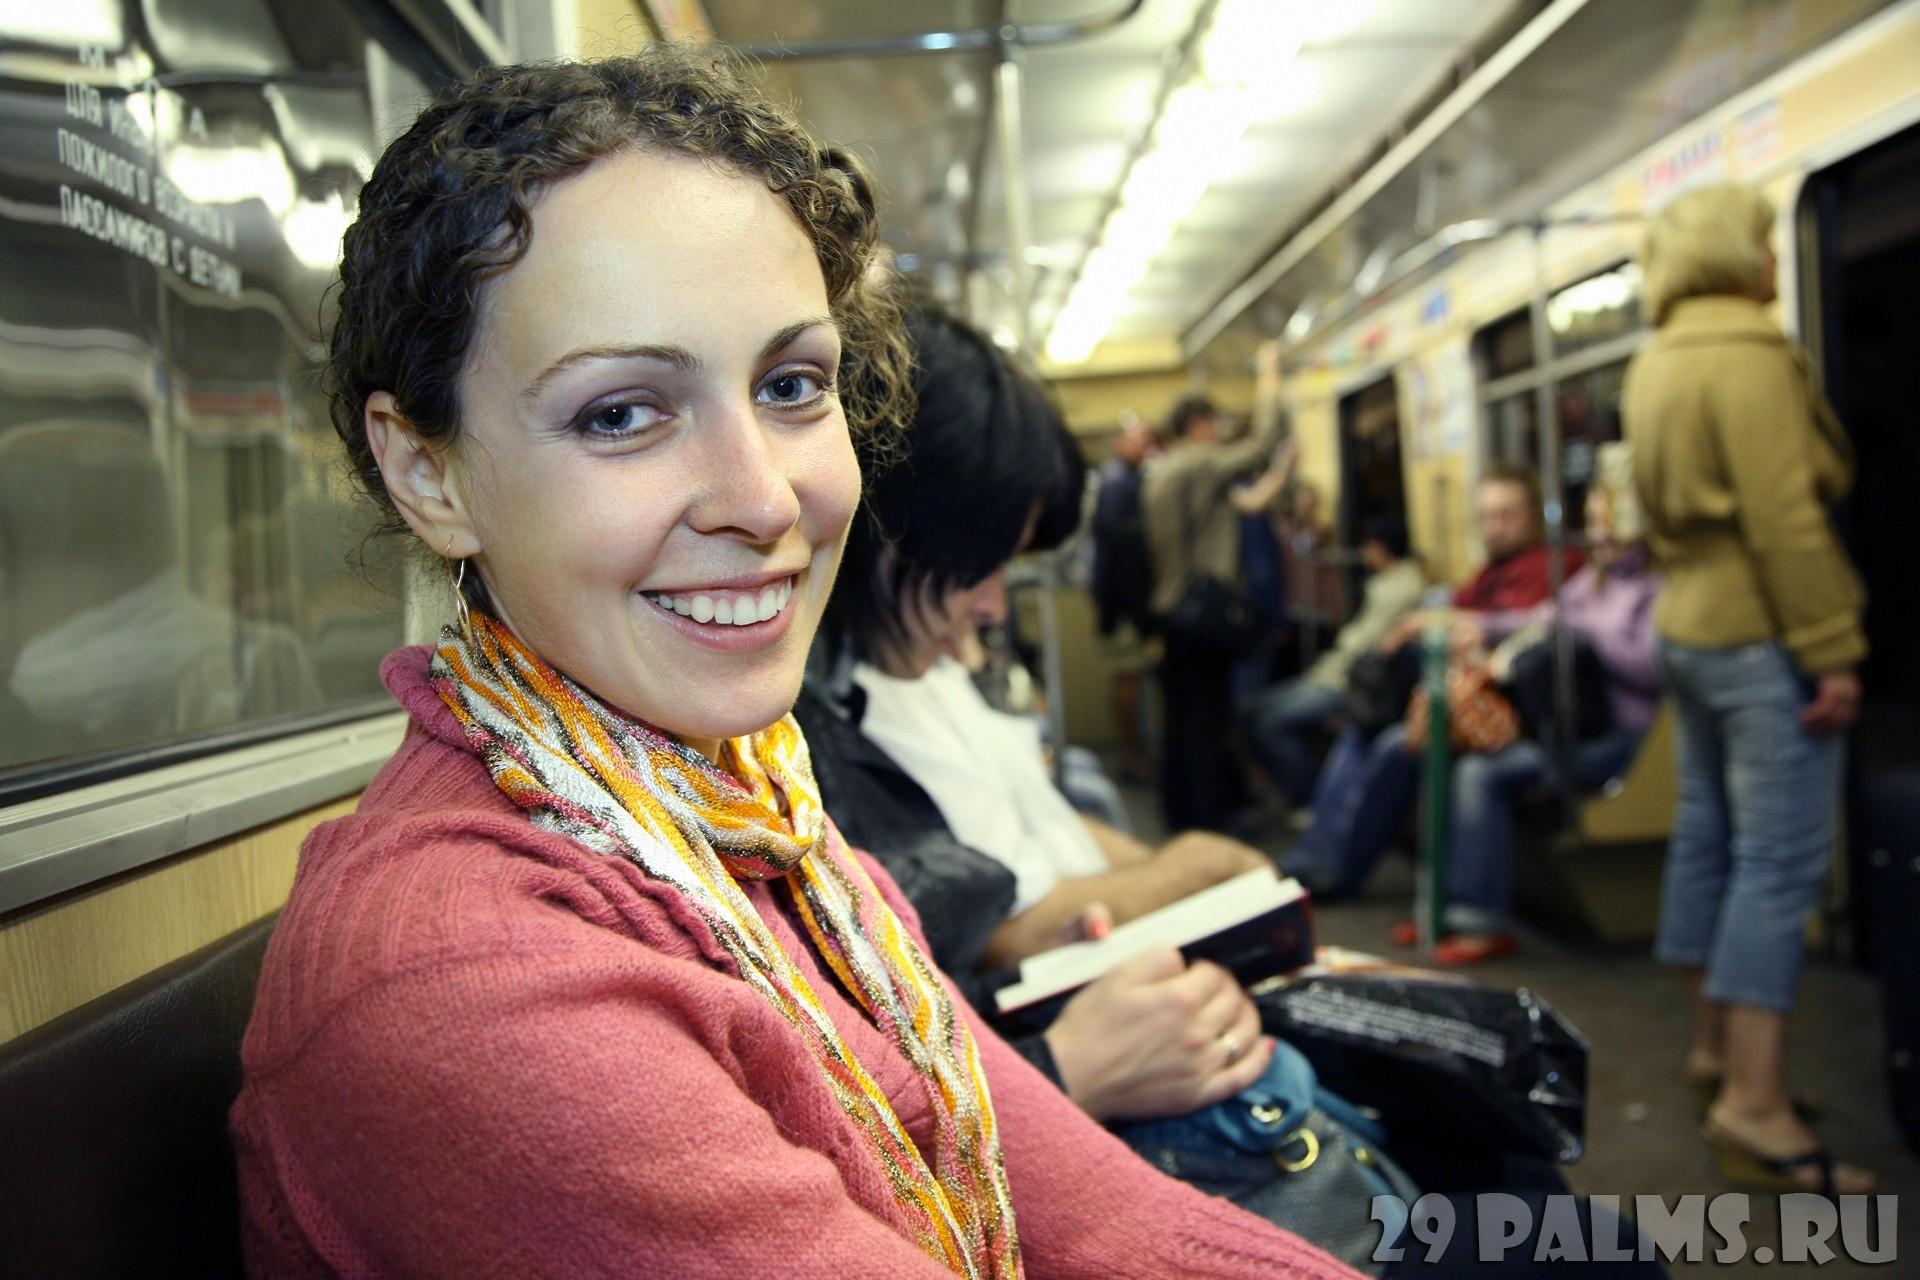 Фото в вагоне девушек 13 фотография